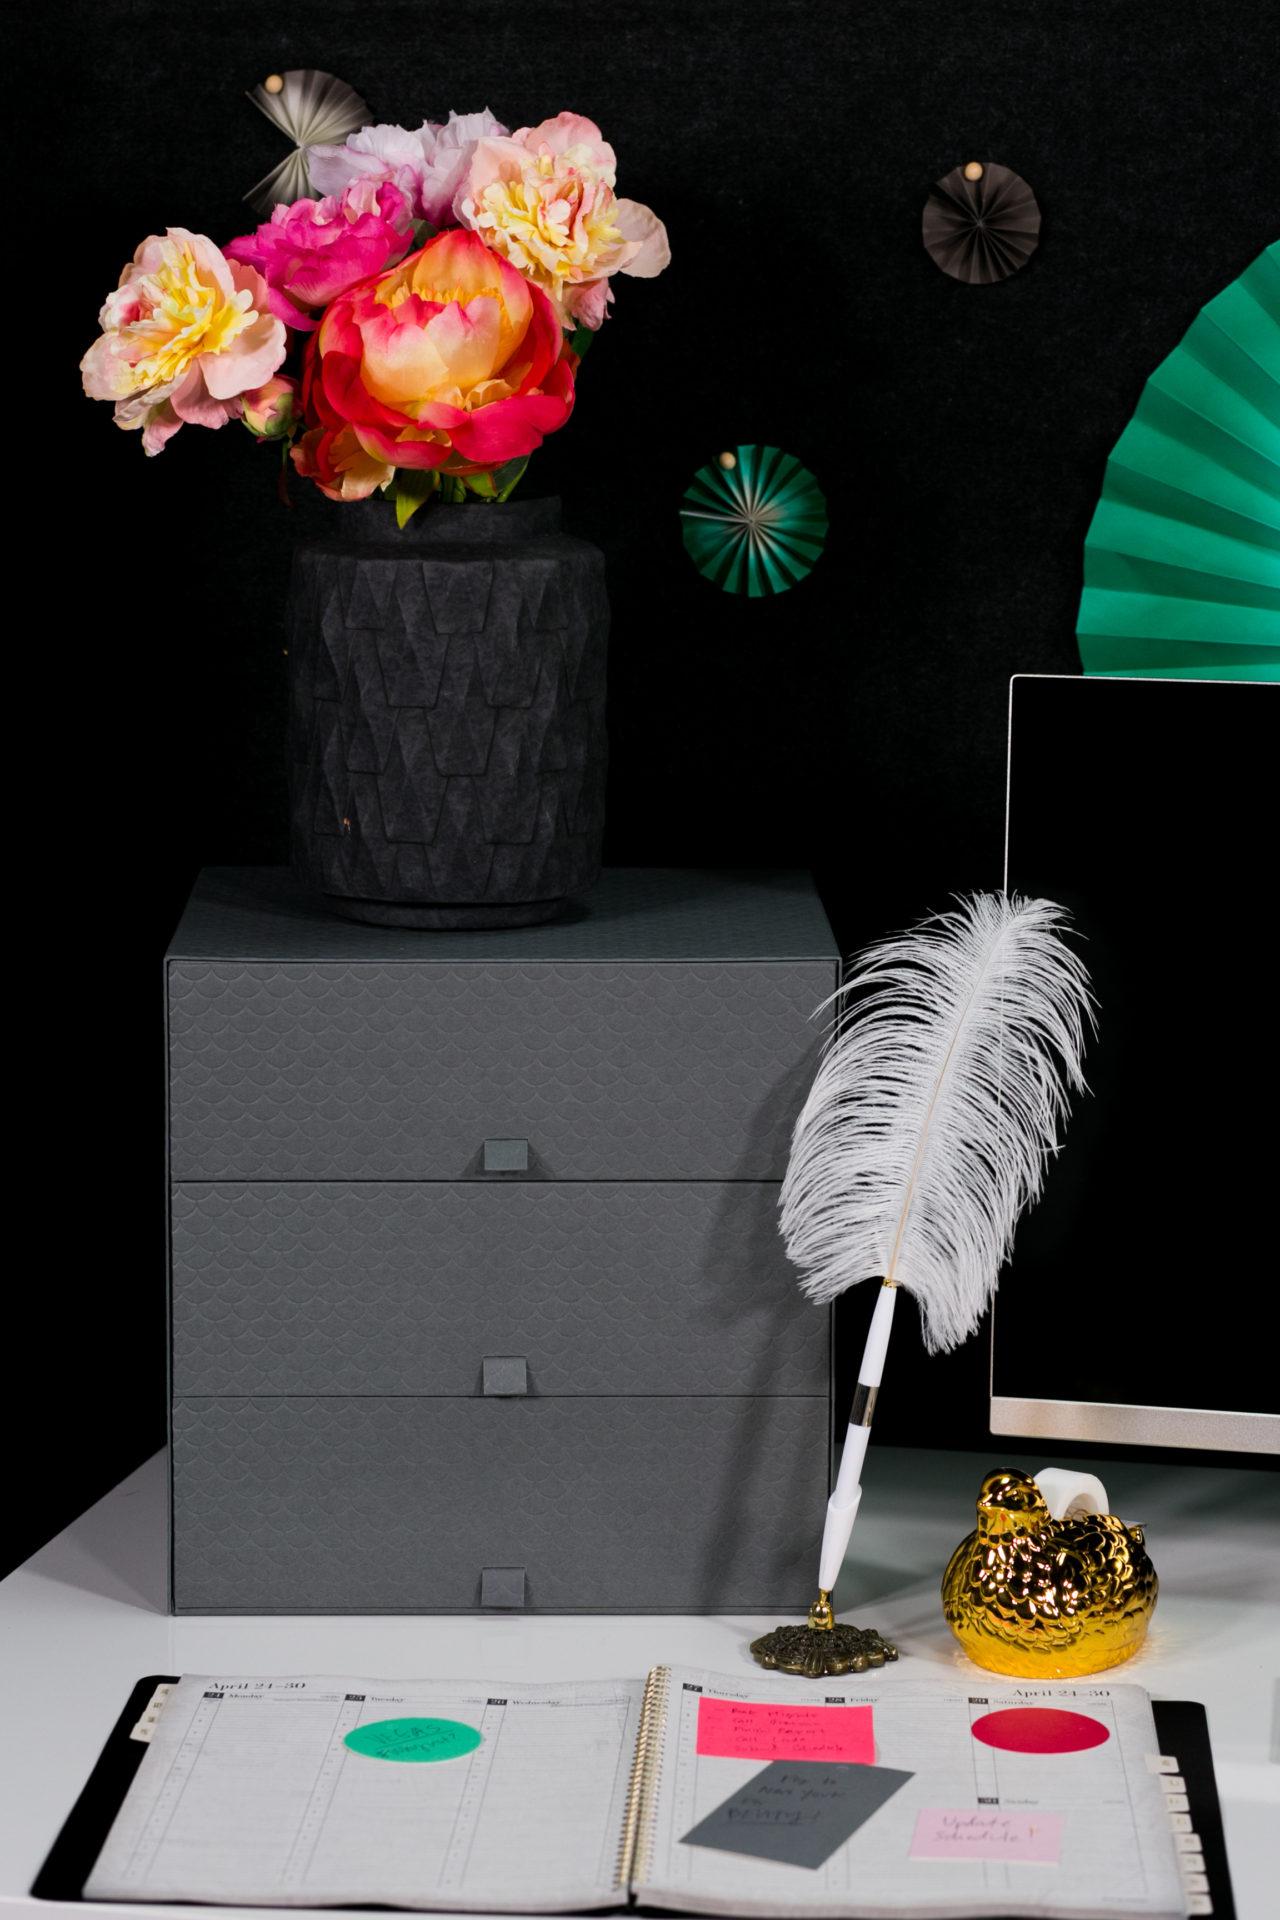 mrkate_cubicle_3ways_blog-160